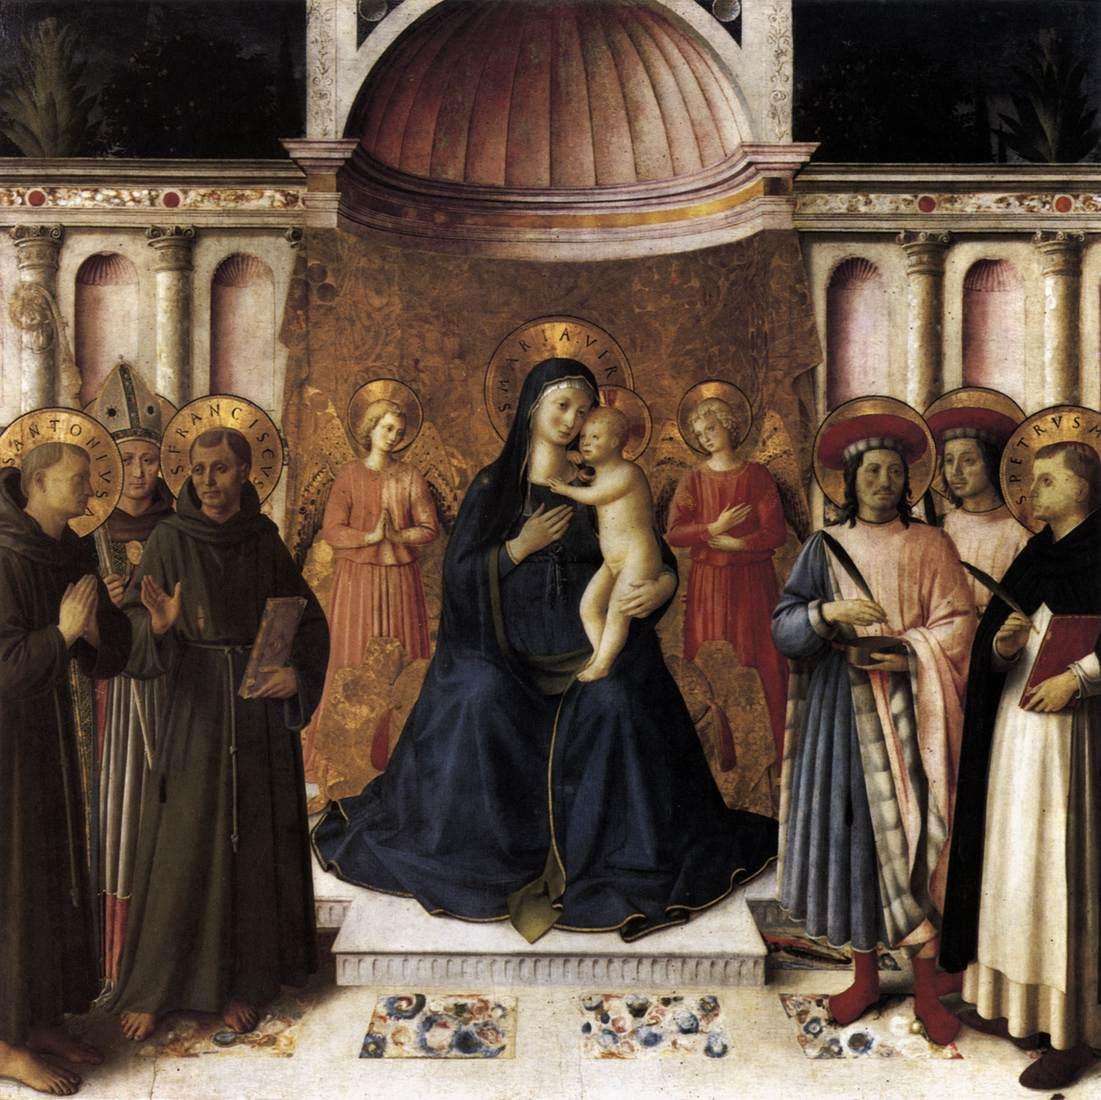 Firenze, via al restauro del capolavoro del Beato Angelico: si lavora sulla Pala di Bosco ai Frati